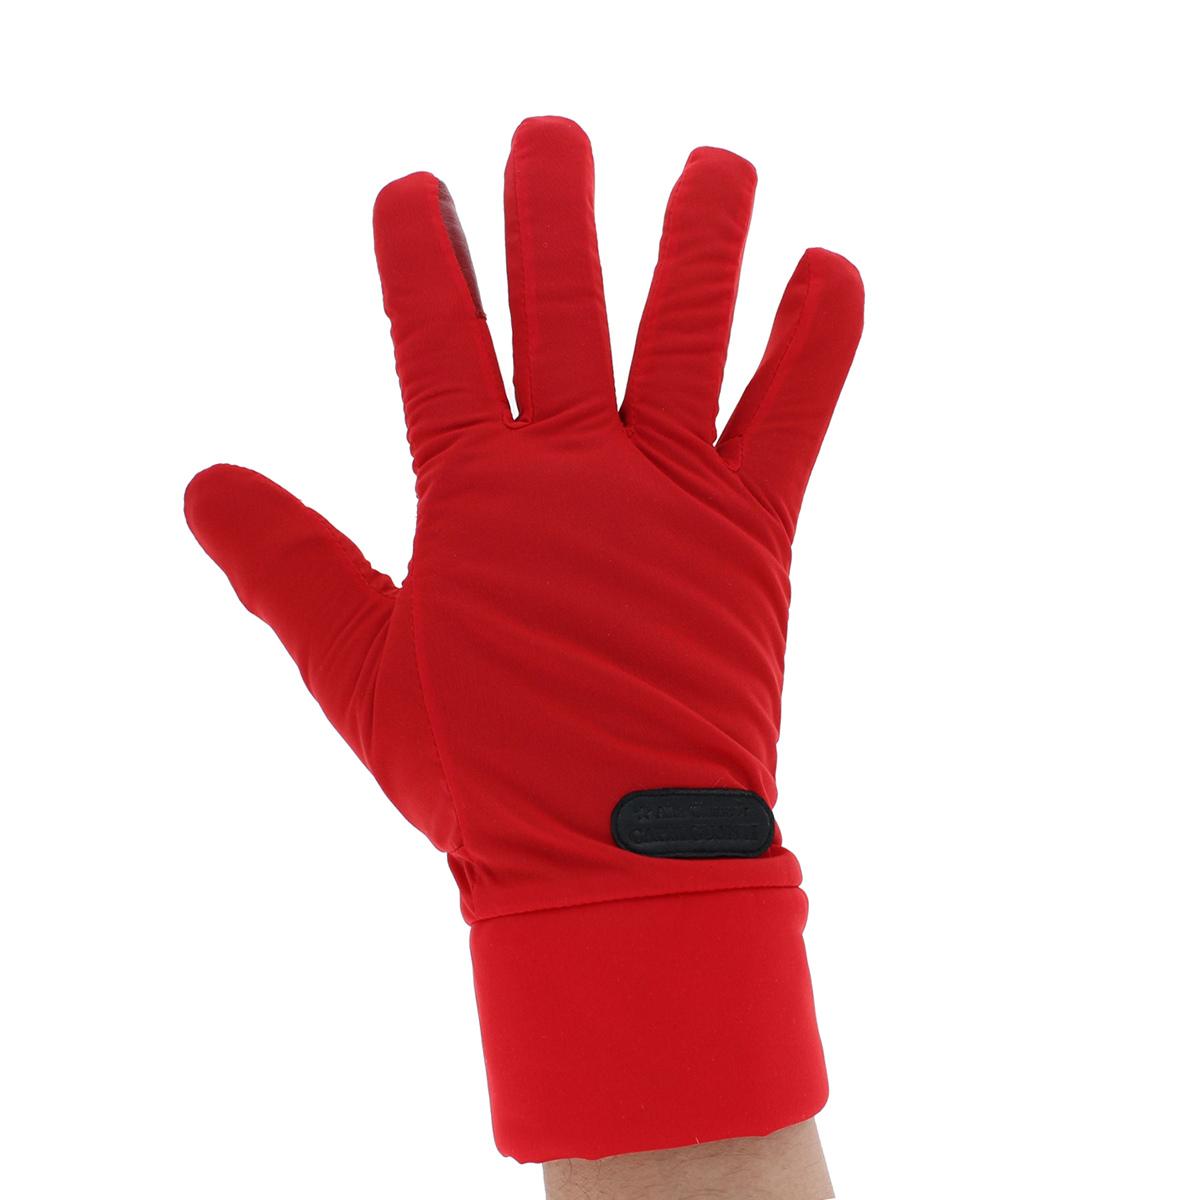 メンズ手袋 男性用手袋 スマホ対応 スポーツ 通勤 防寒 防風 撥水 おしゃれ ビジネス小物 ファッション雑貨 ギフト プレゼント